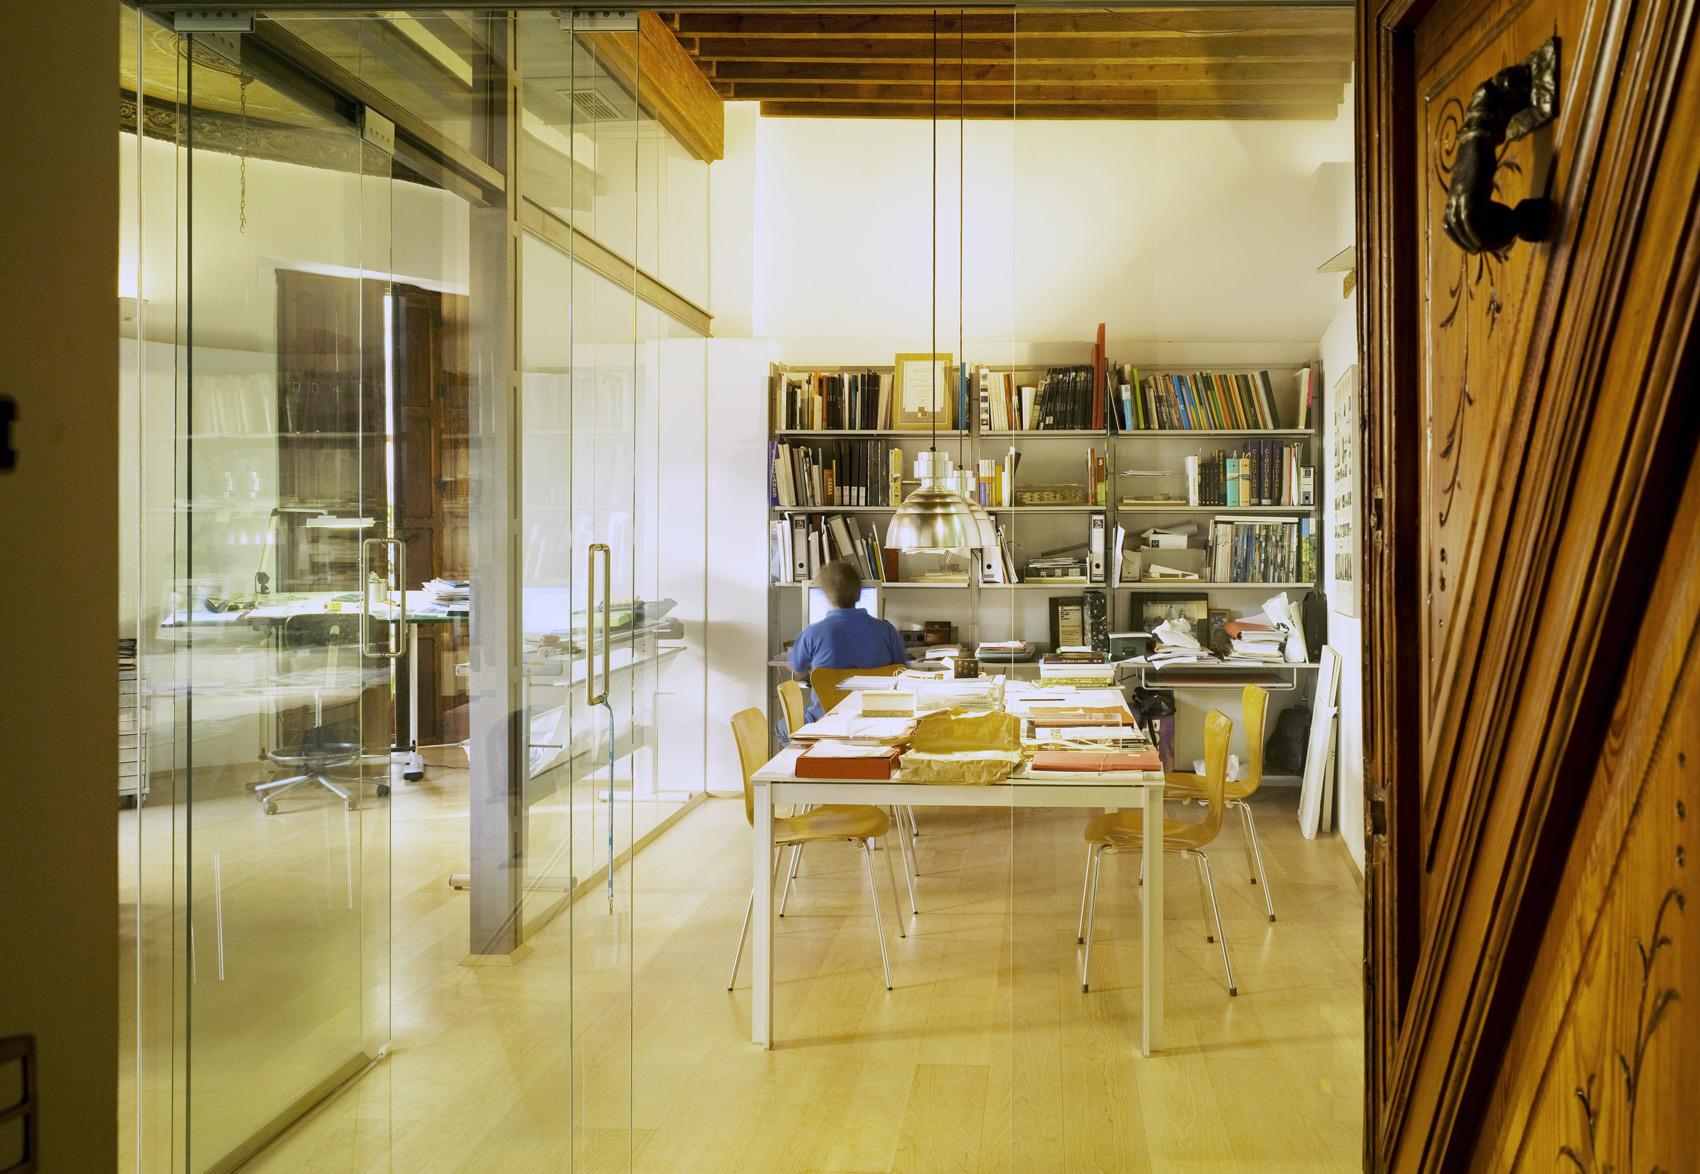 Estudio de arquitectura marcaser - Arquitectura cartagena ...